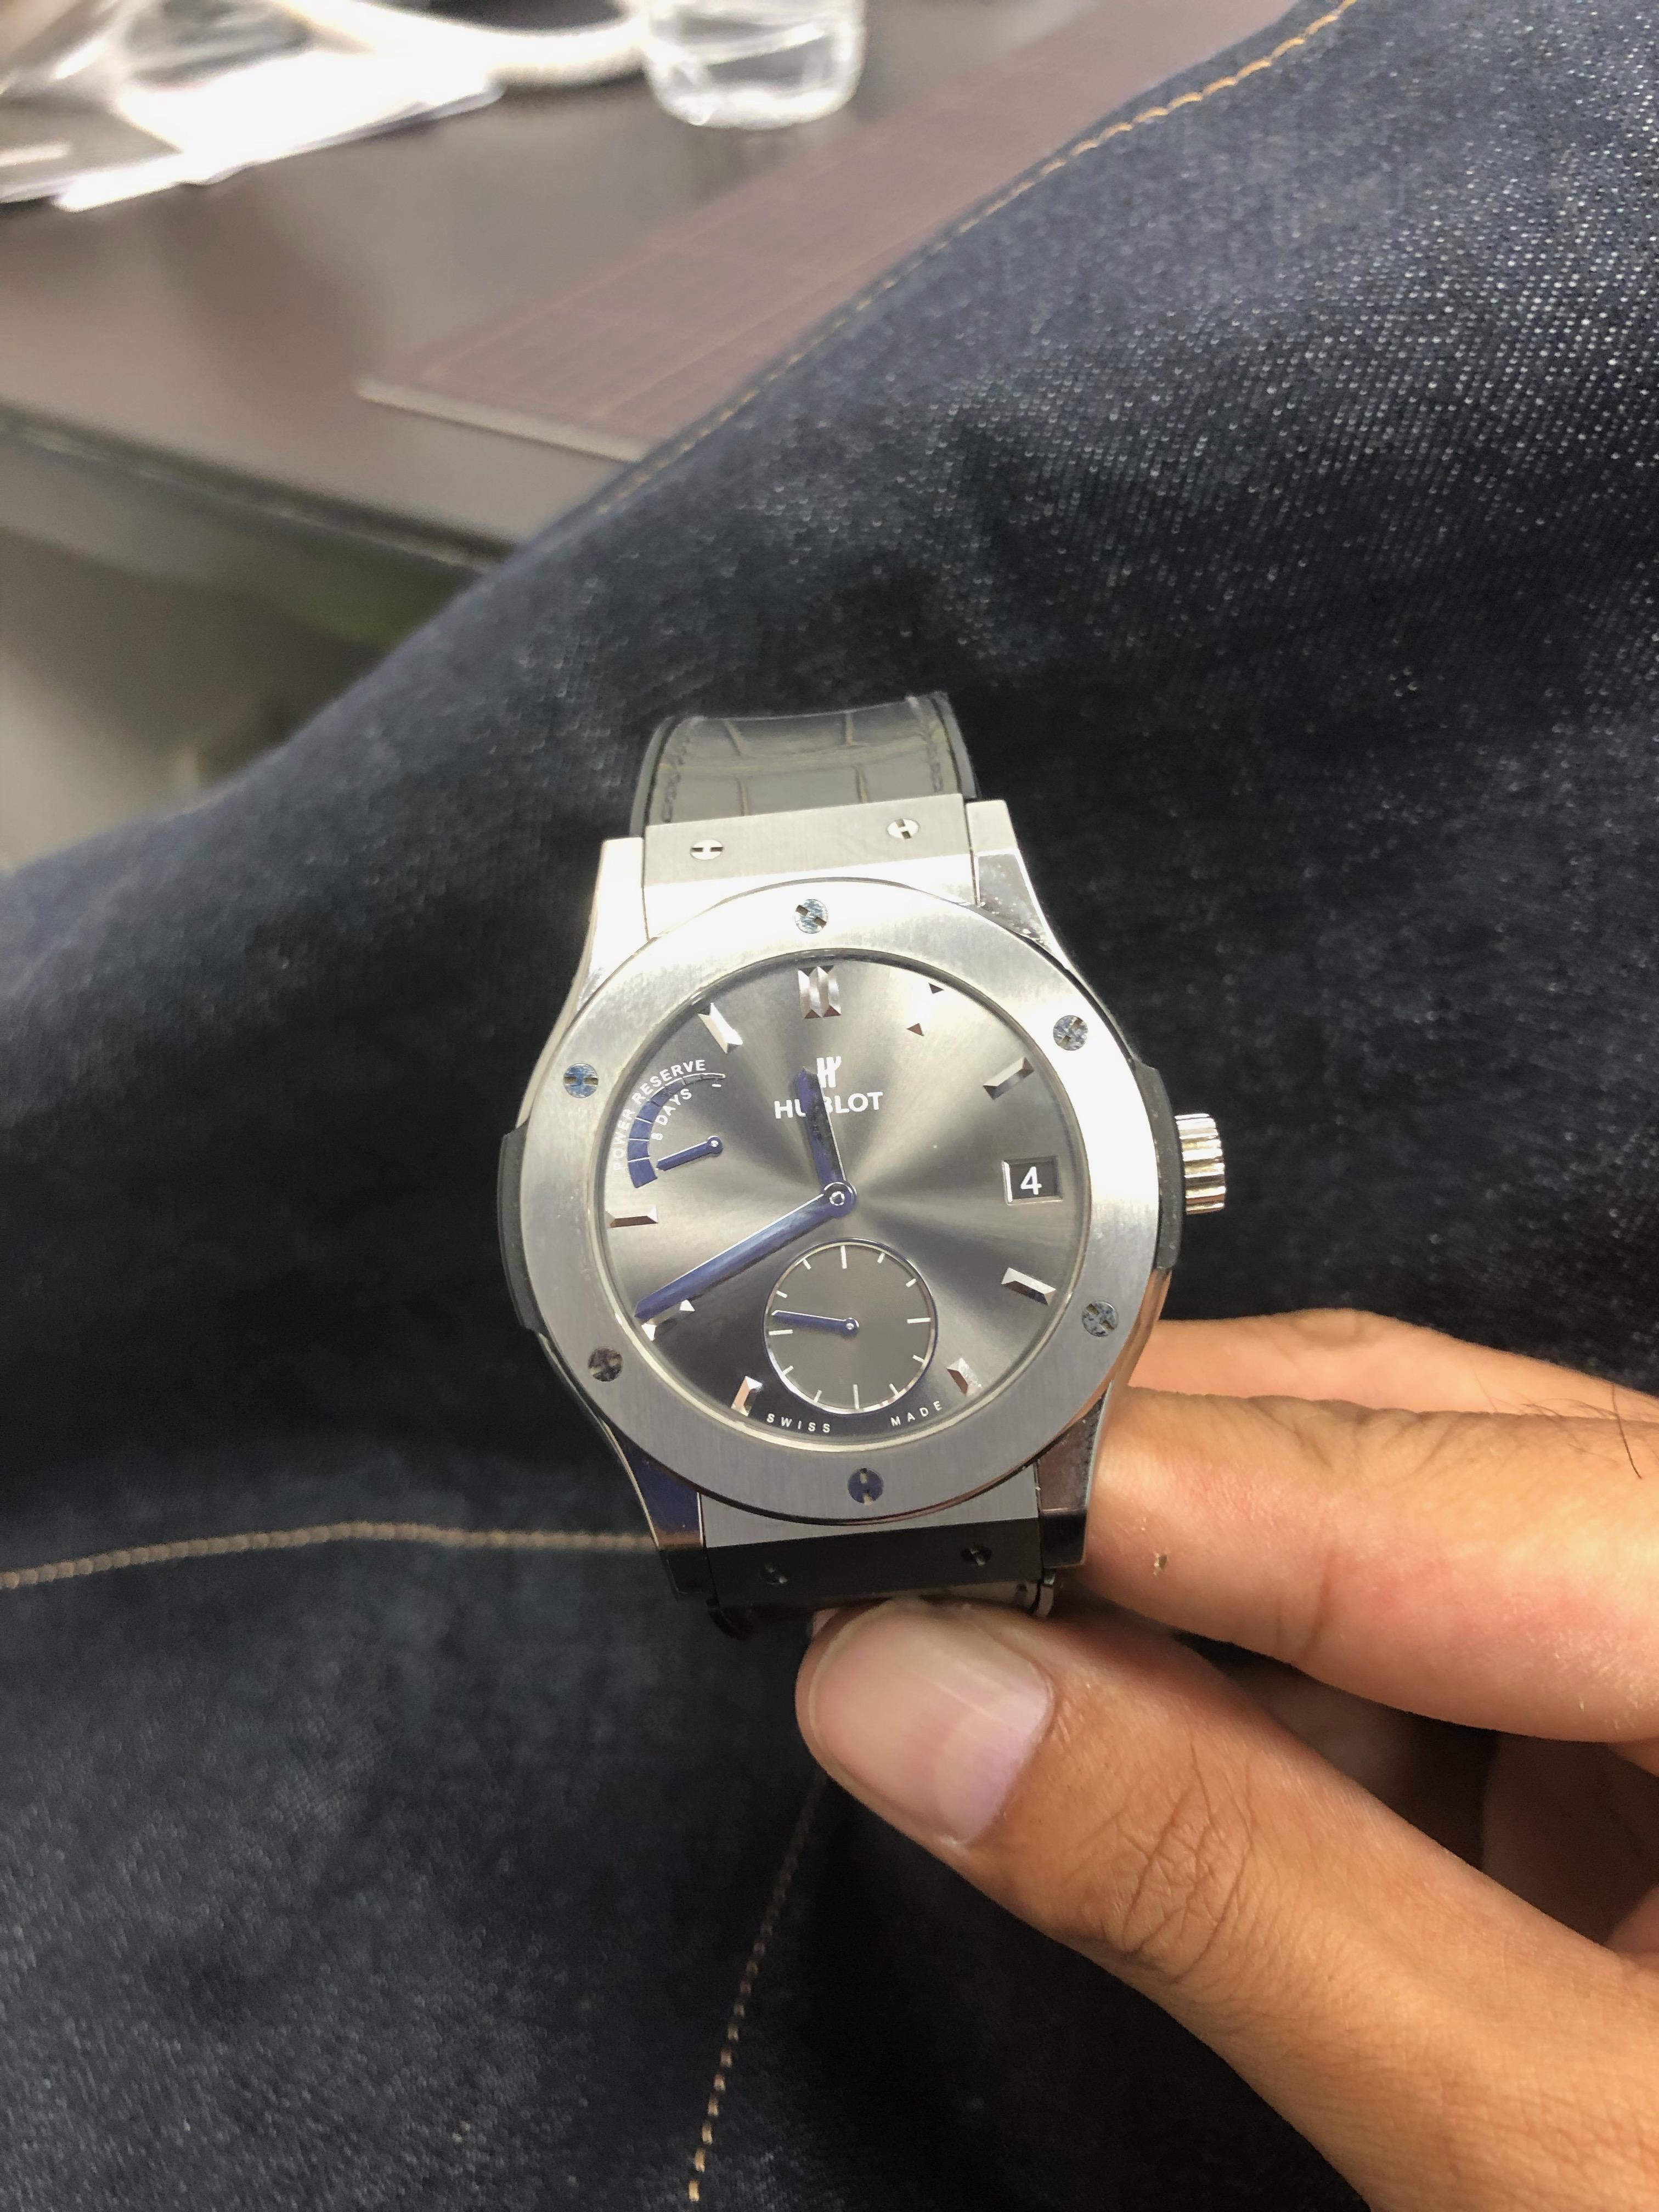 腕時計もガラスコーティング!!!   たぬphone (たぬふぉん)奈良